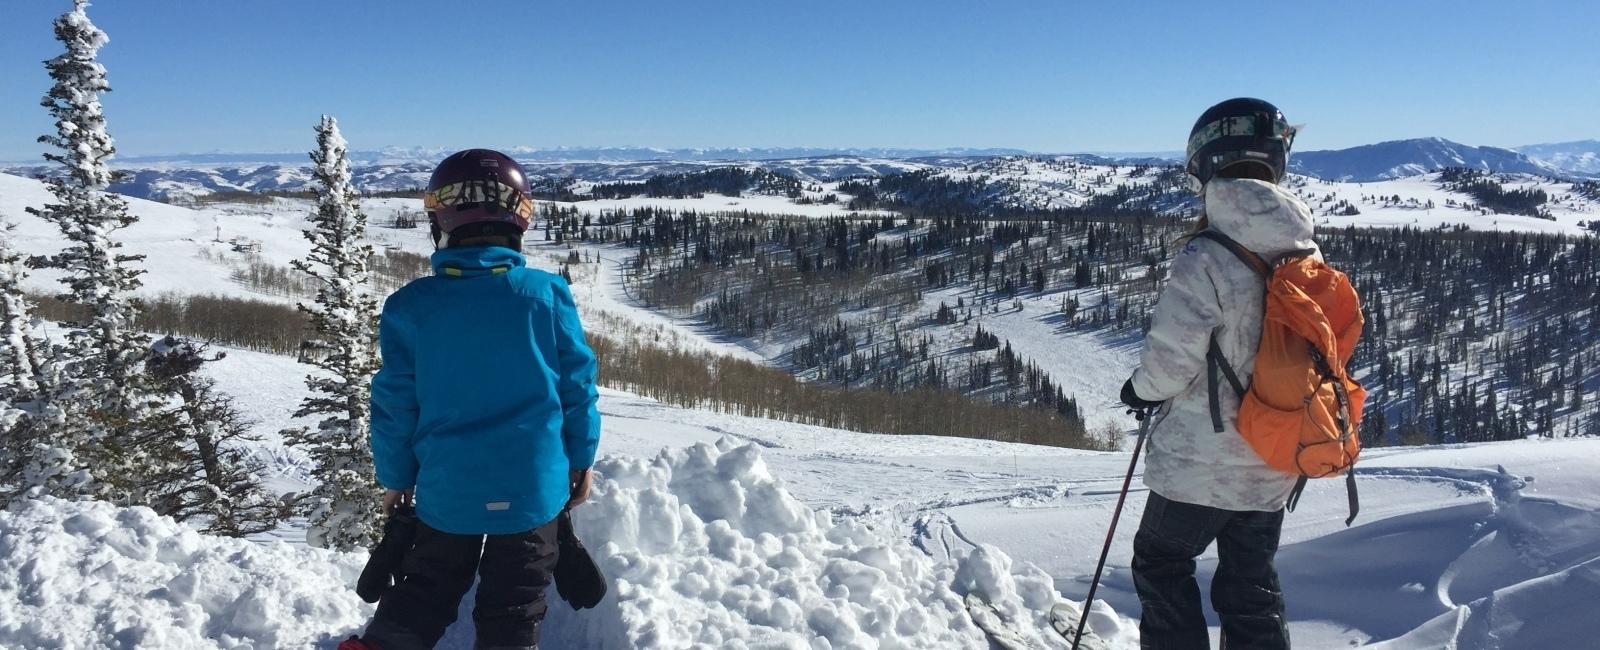 Powder Mountain Locals Program